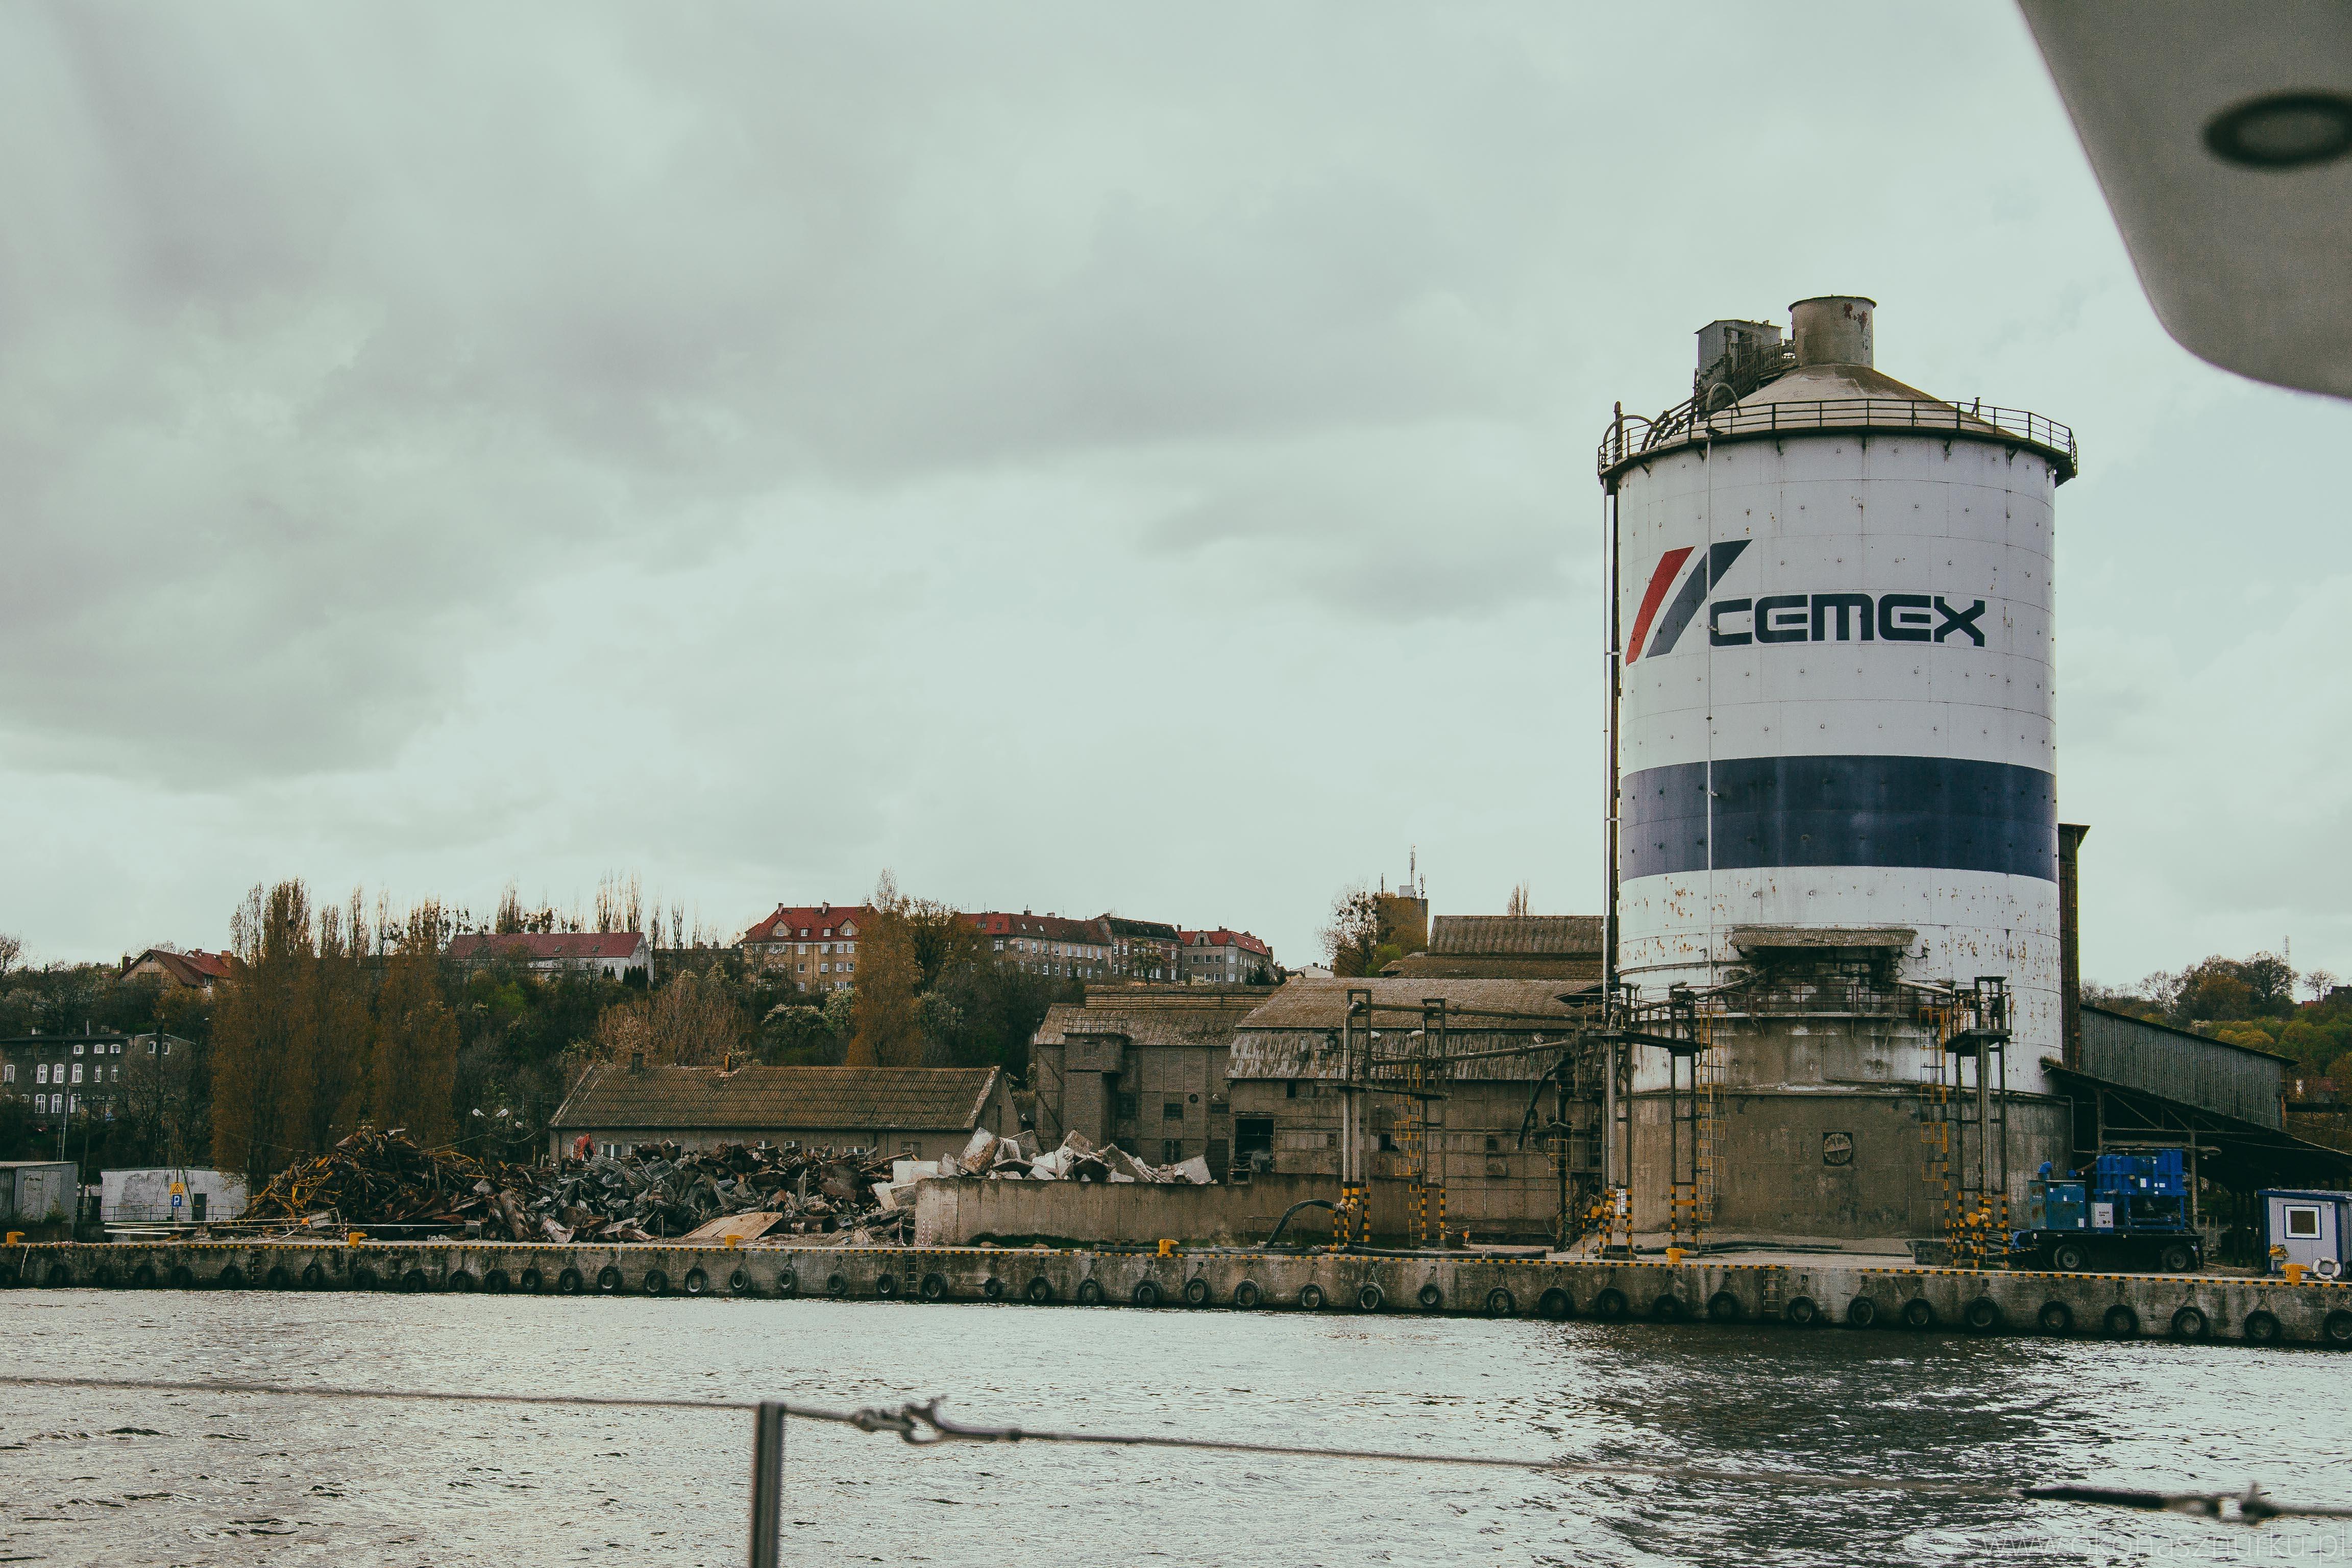 marina-jacht-wyprawy-morskie-silesia-szczecin-goclaw-lubczyna (75)